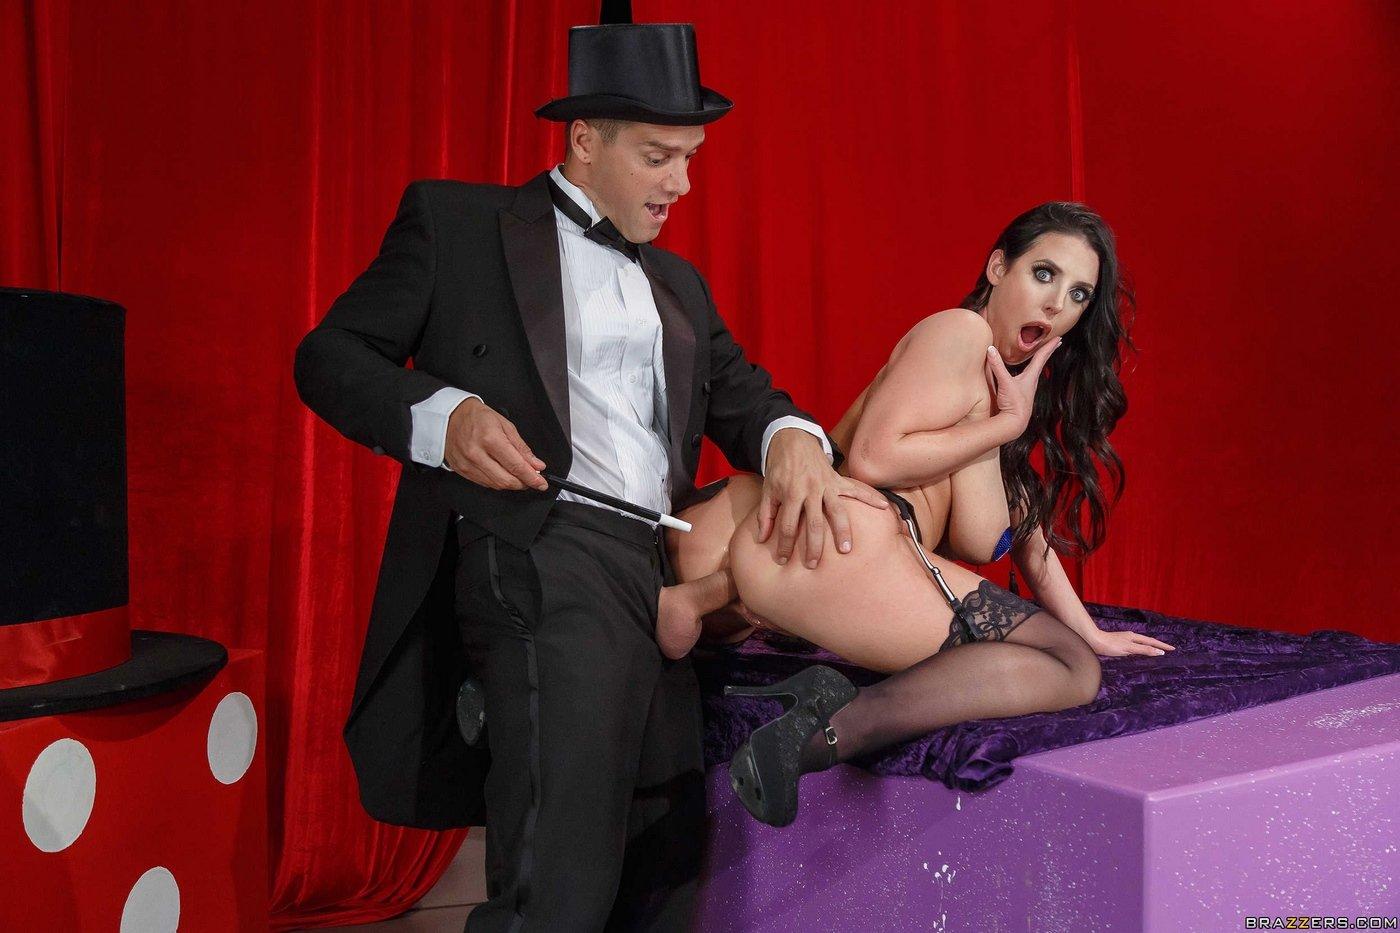 Фото порнозвезды иллюзионист порно онлайн секс молодых